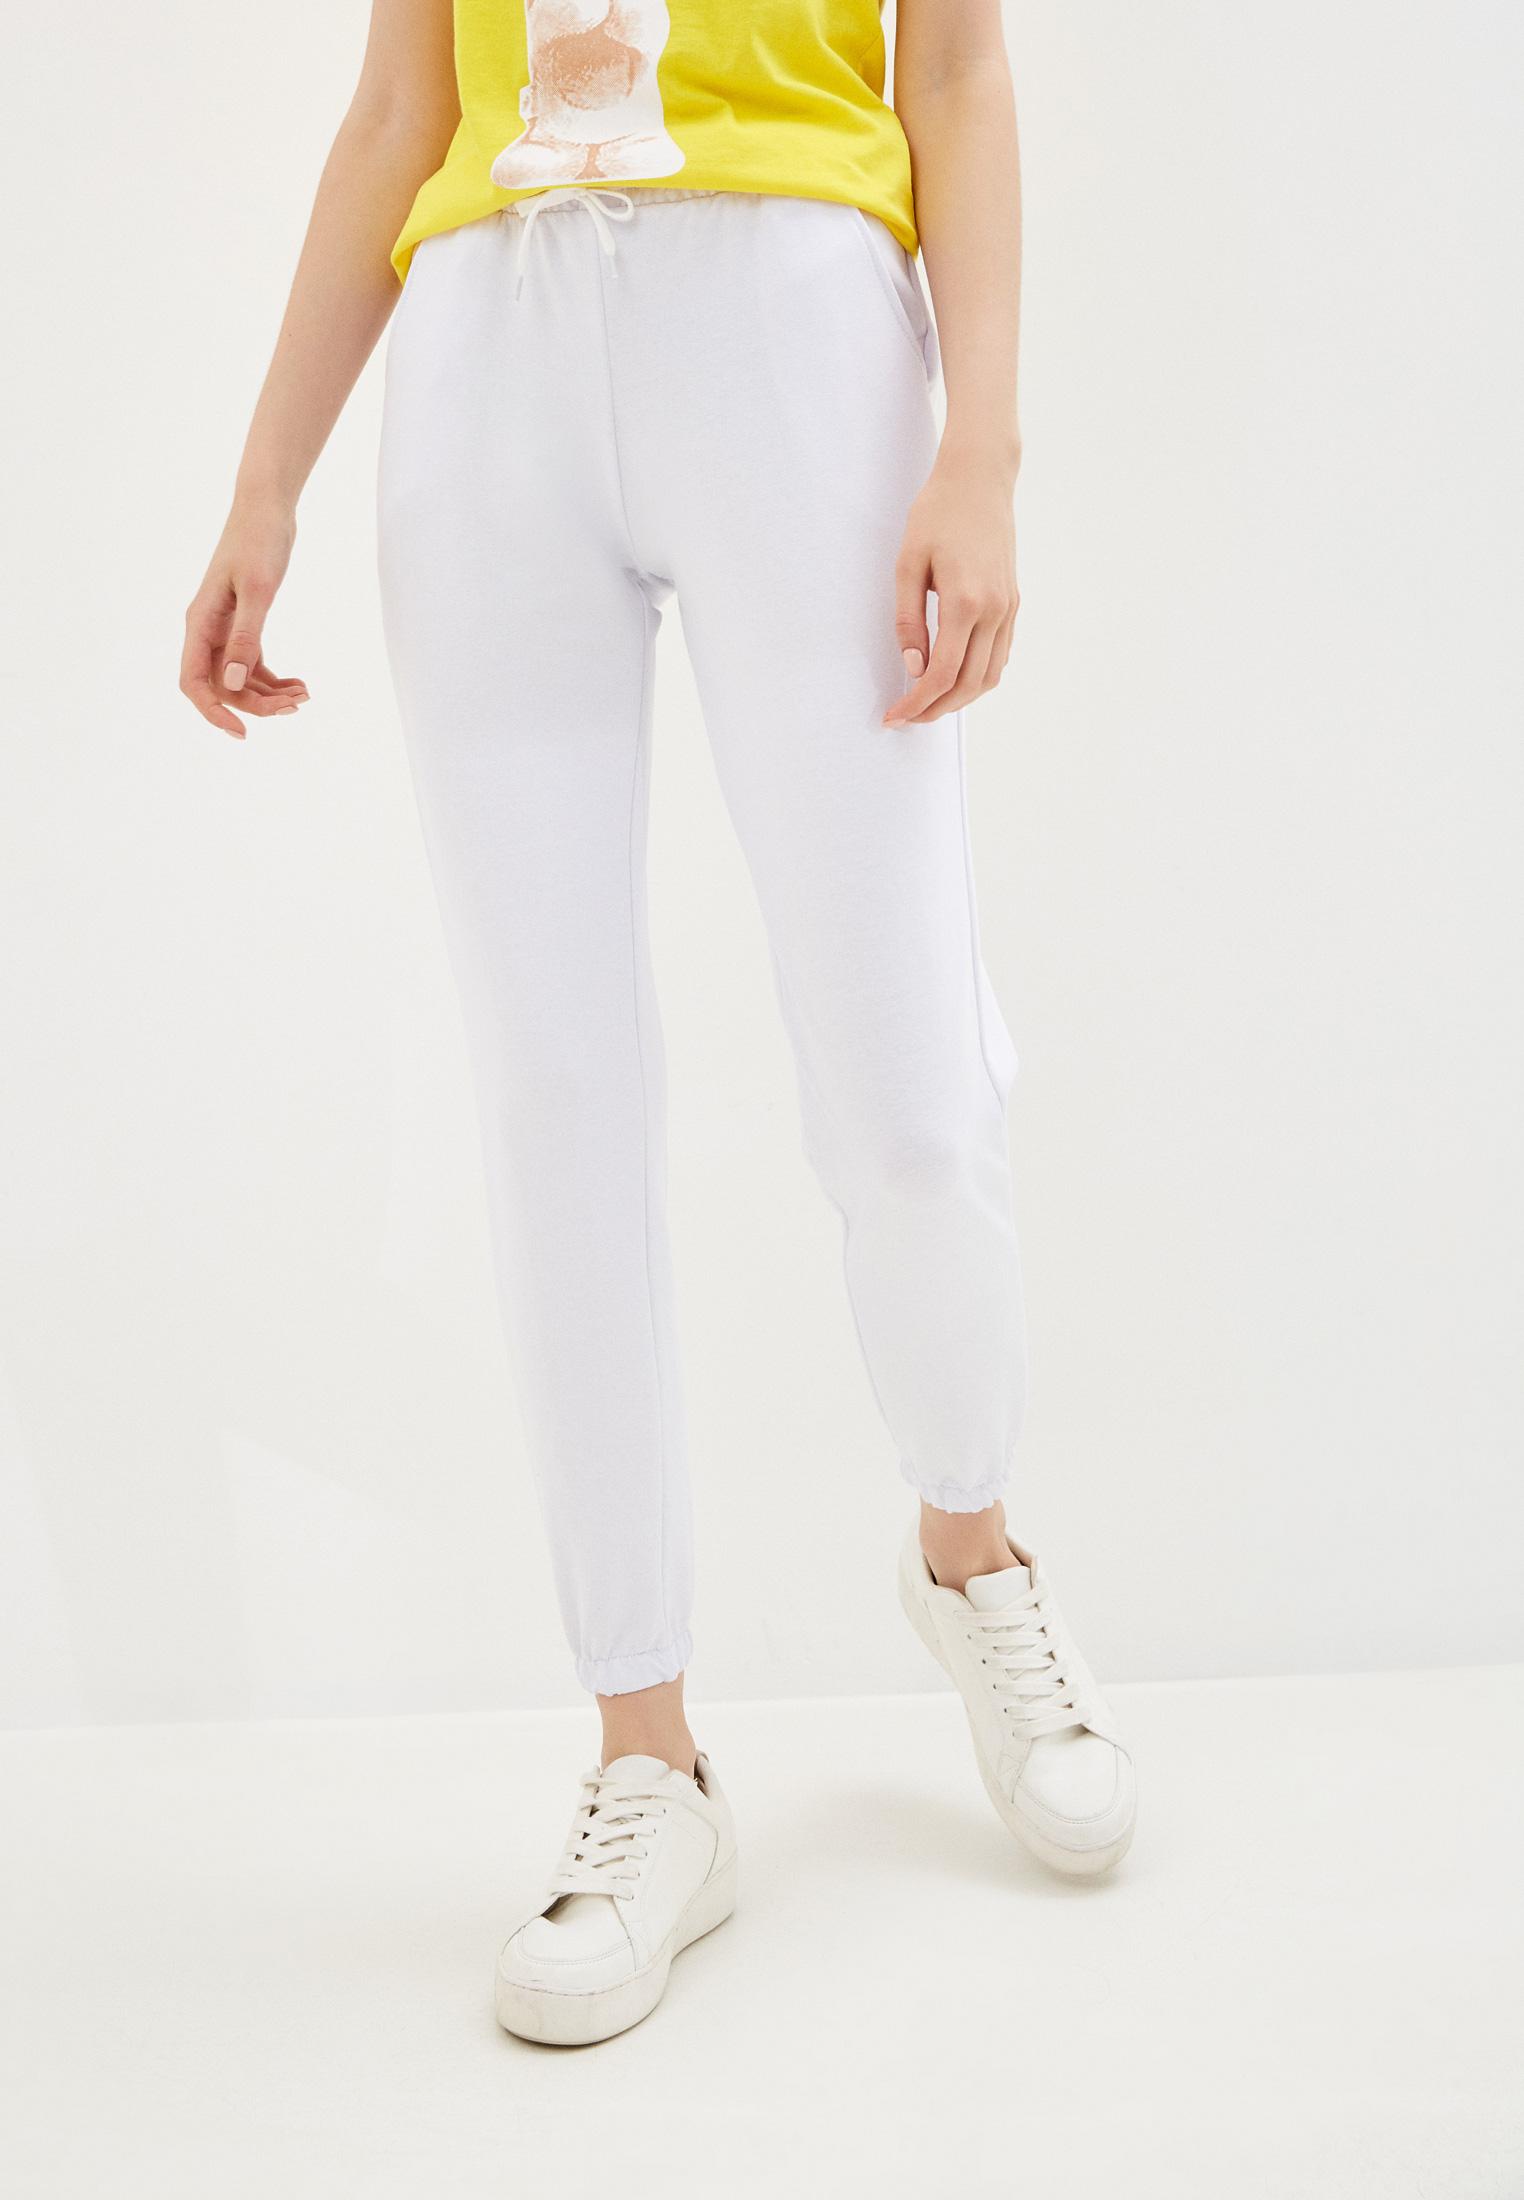 Женские спортивные брюки Nerouge N980-33